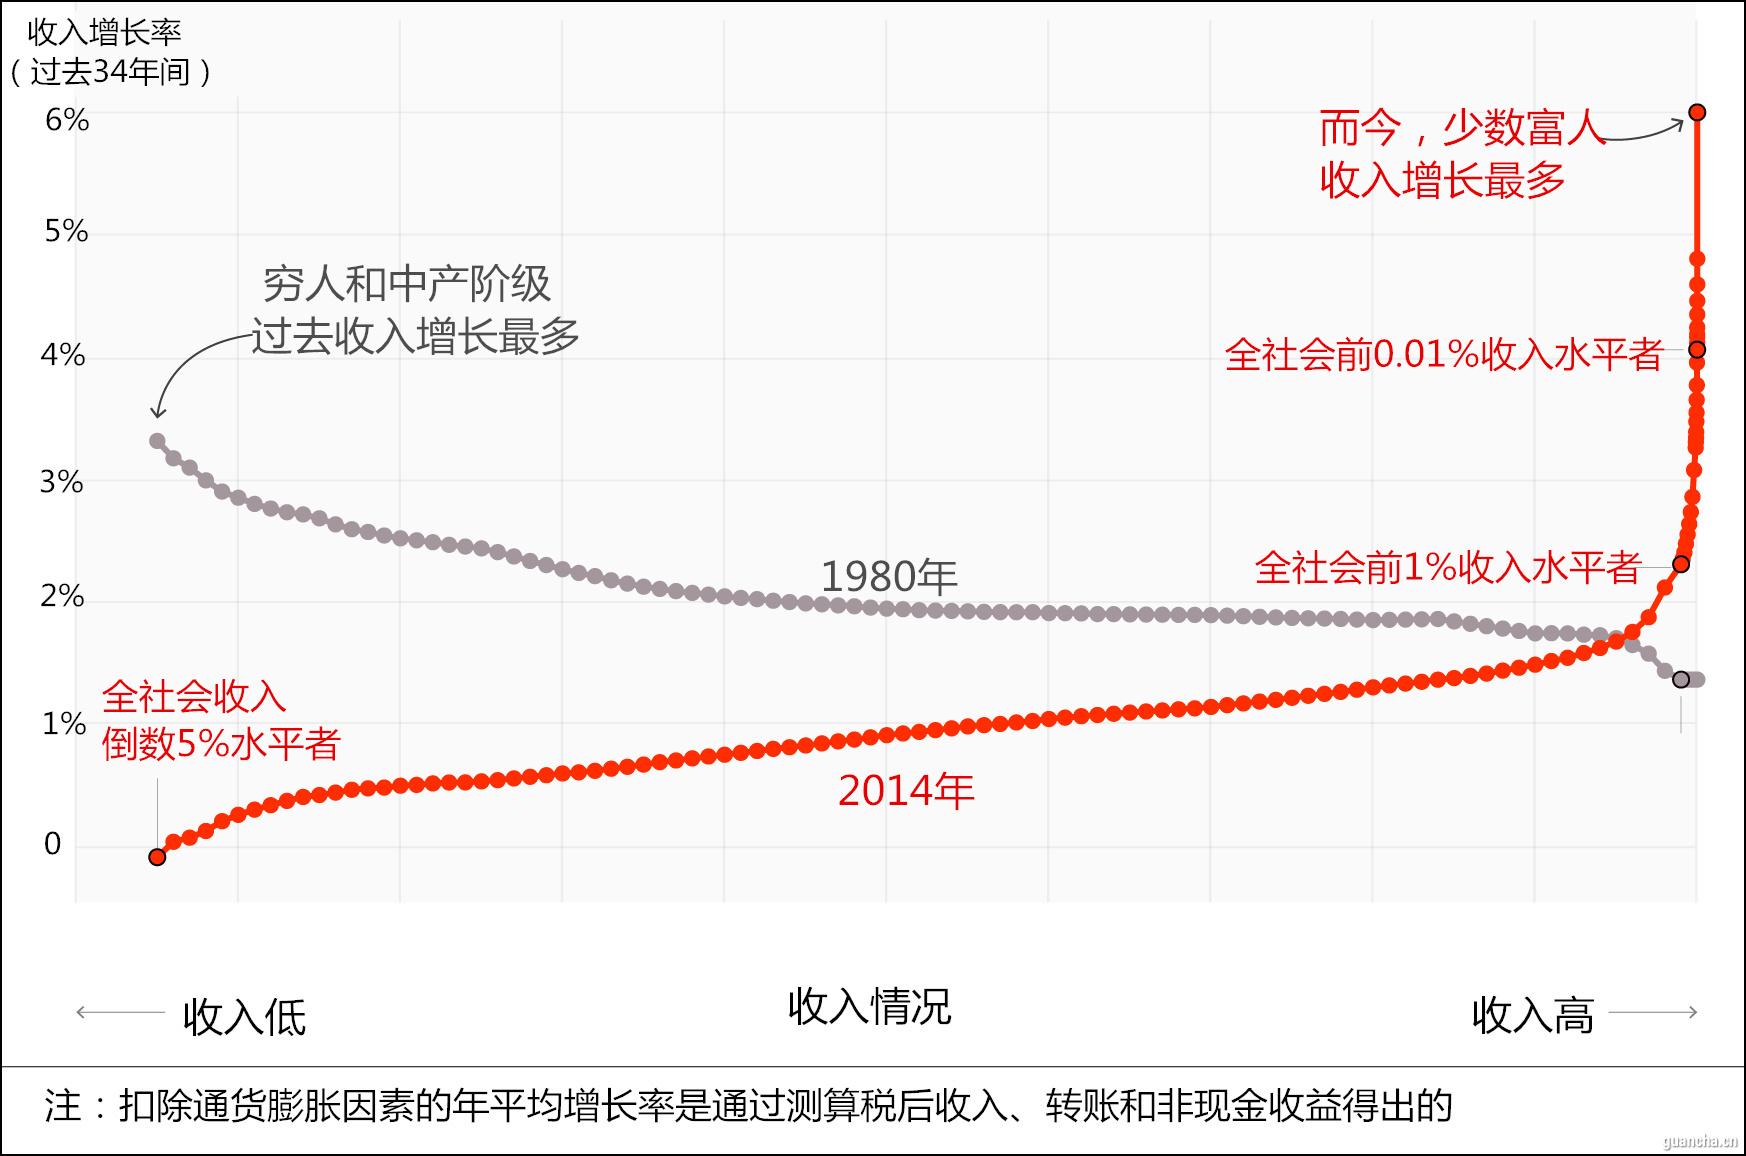 1980年美国经济_1980年代美国经济大萧条-里根经济学 坑了美国,有人还想用它坑中国